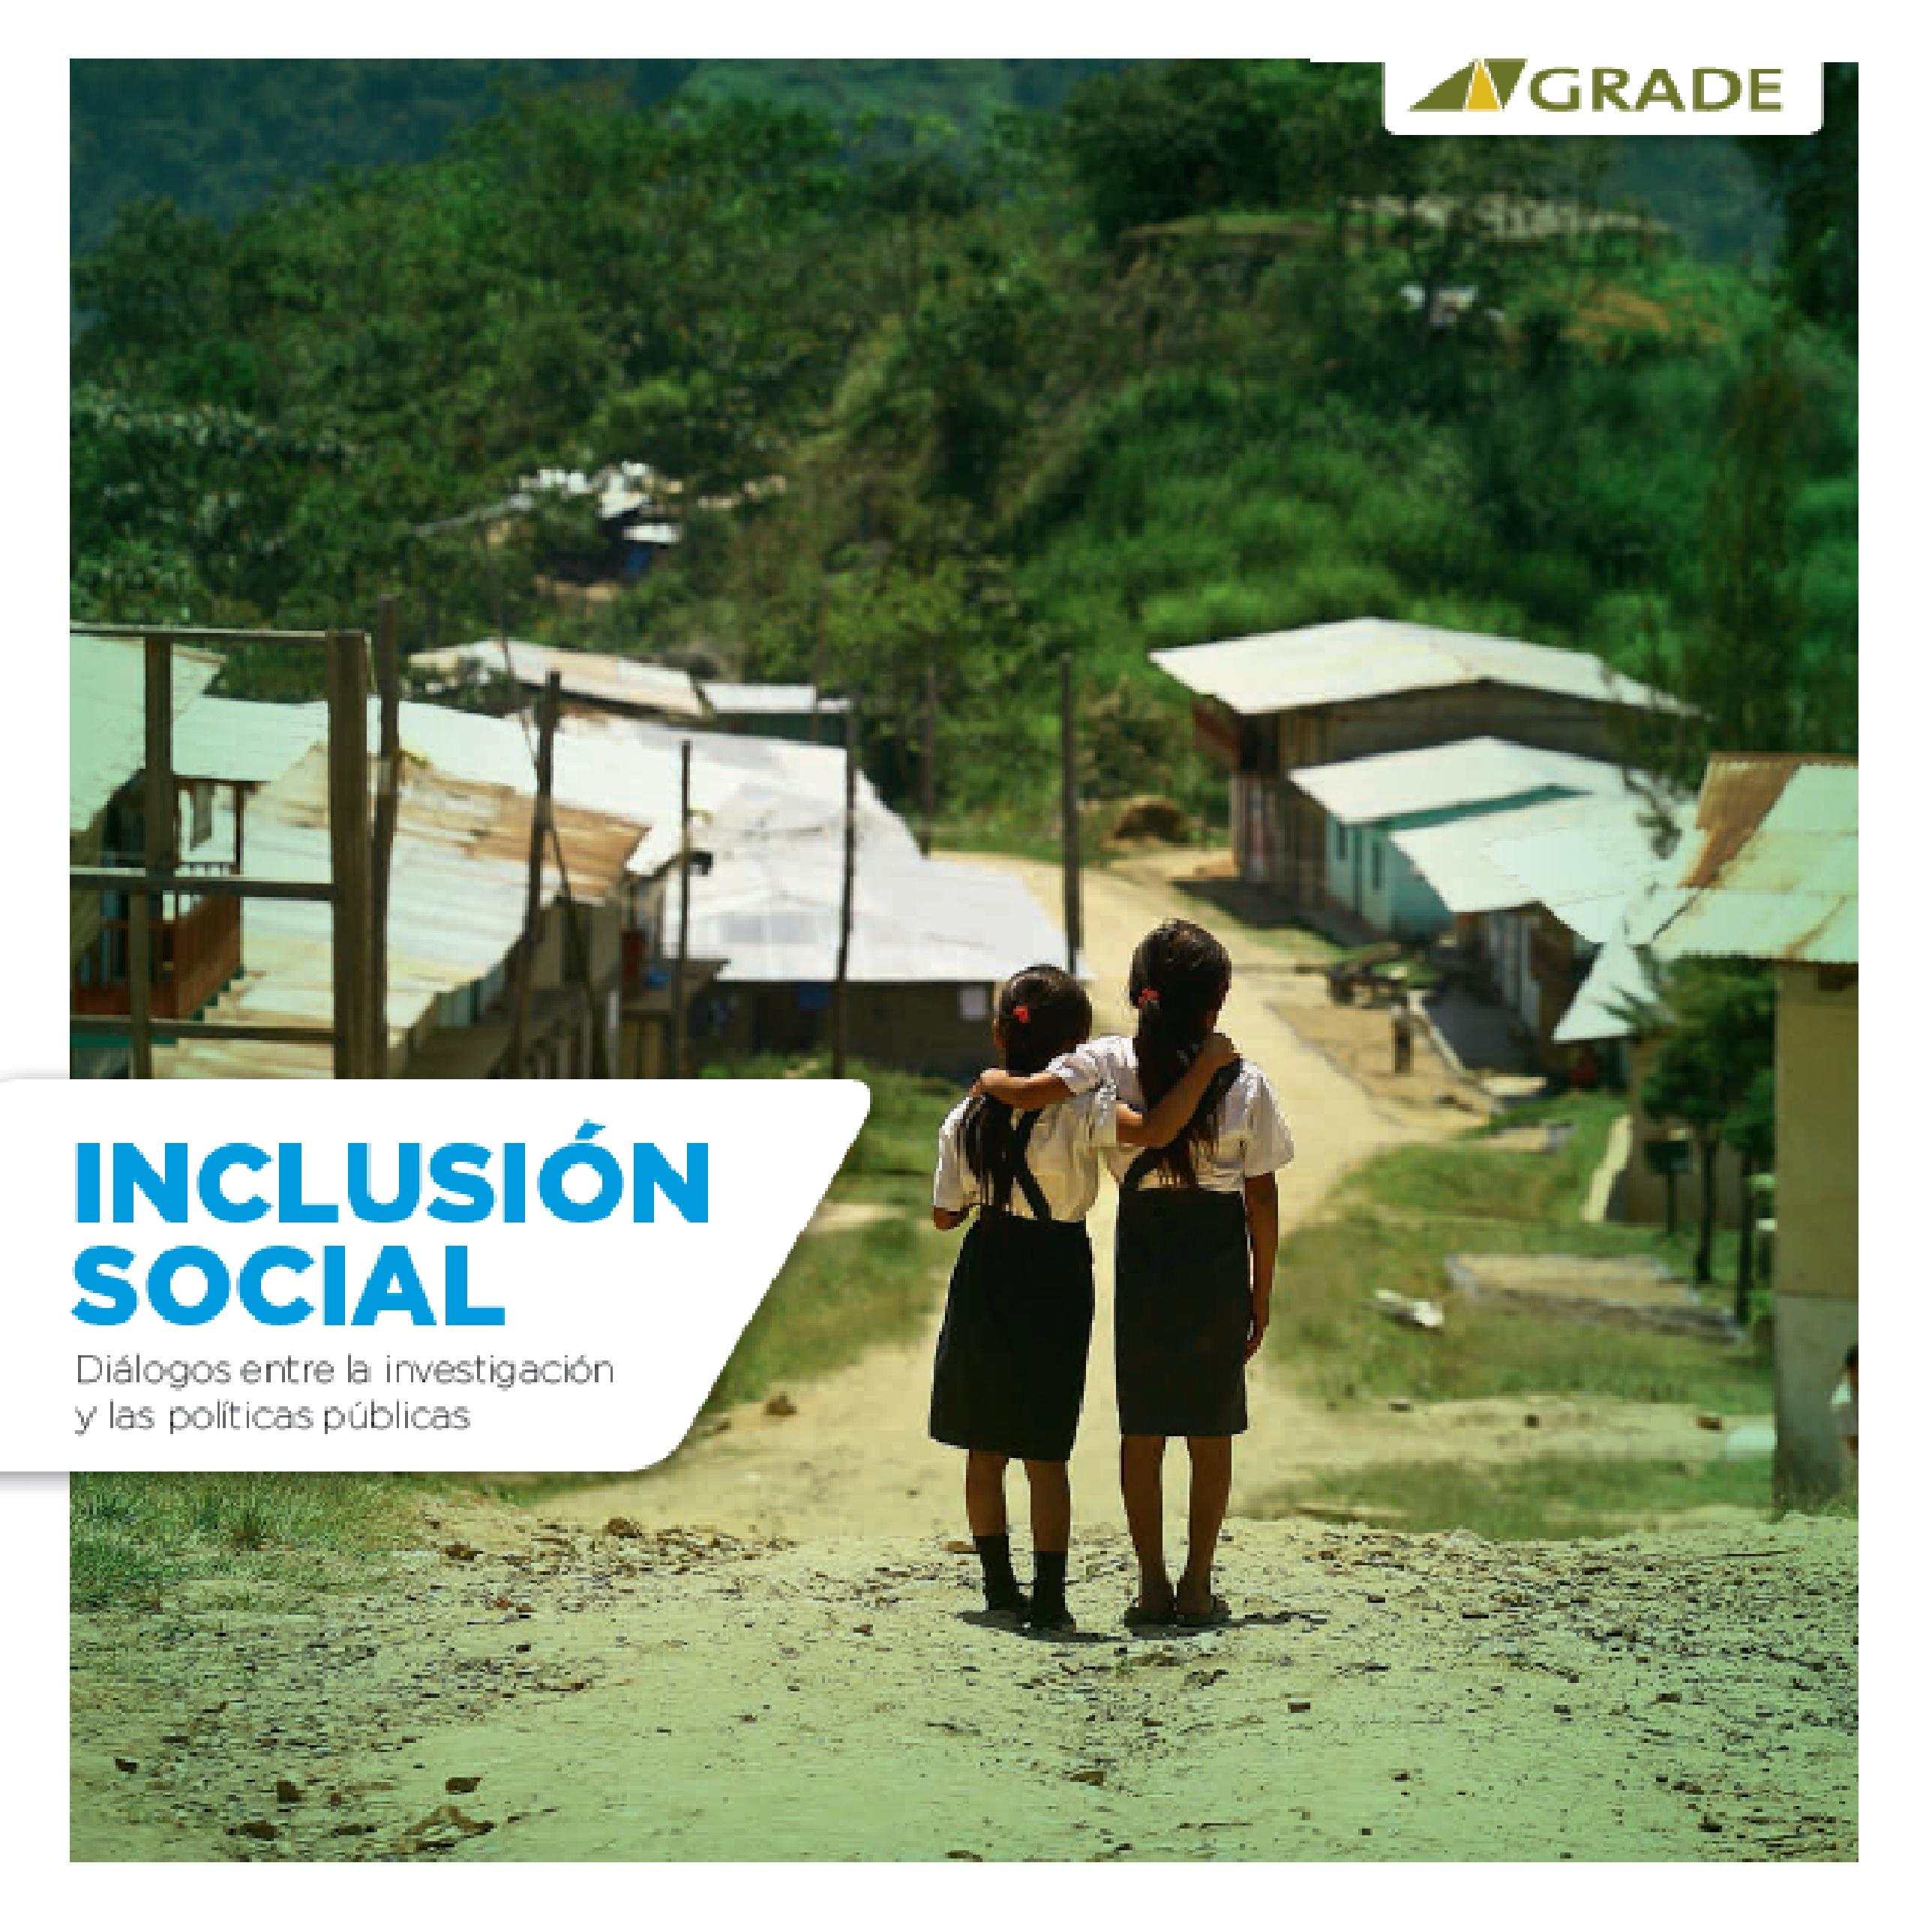 Inclusión social: diálogos entre la investigación y las políticas públicas